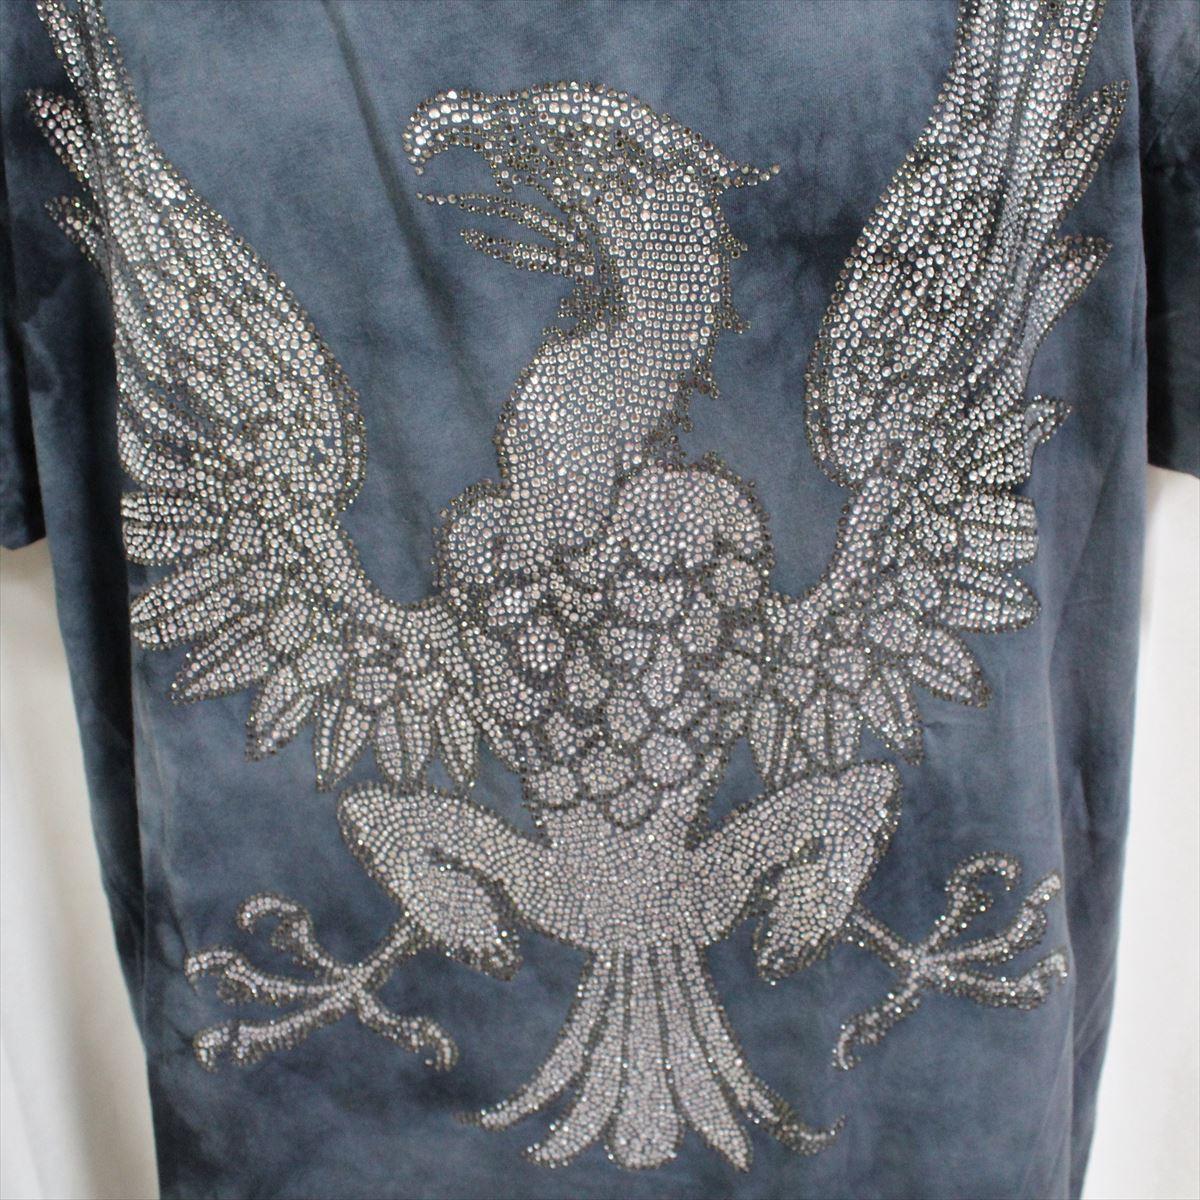 アイコニック Iconic Couture メンズ半袖Tシャツ ネイビー Lサイズ 新品 紺_画像2